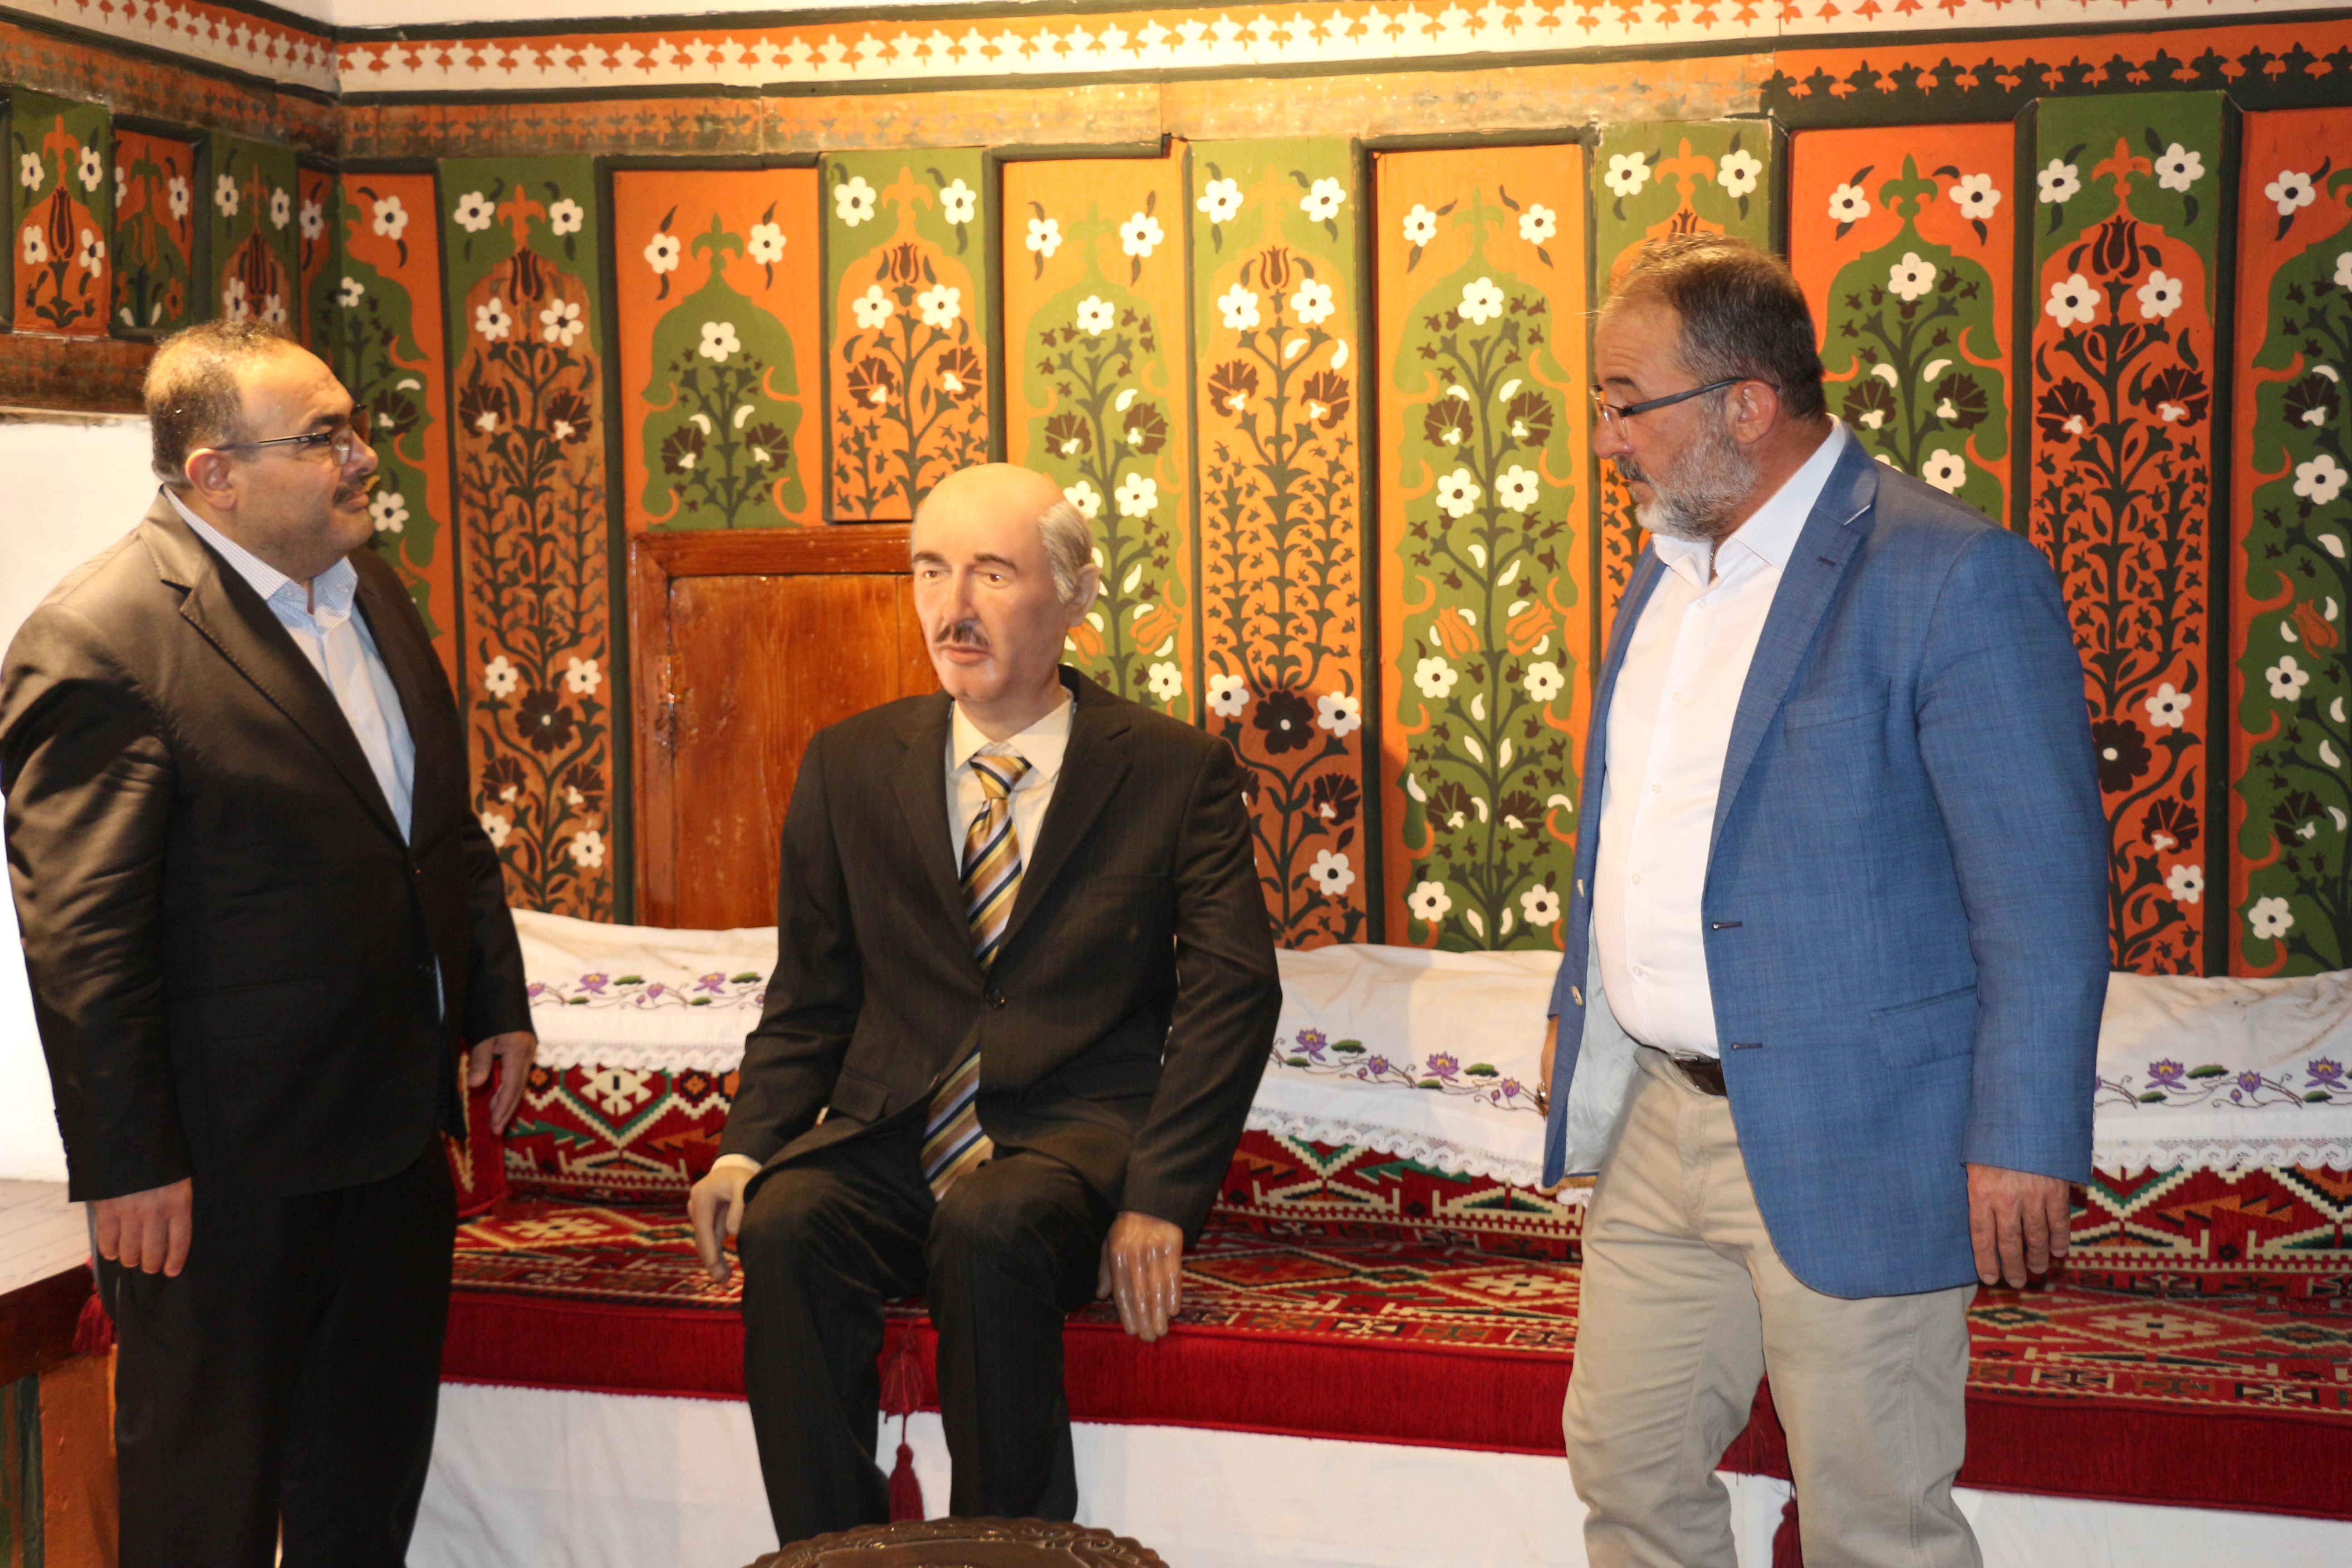 IMG 2987 AK Parti Yerel Yönetimler Başkan Yardımcısı Böke, Afşinde!